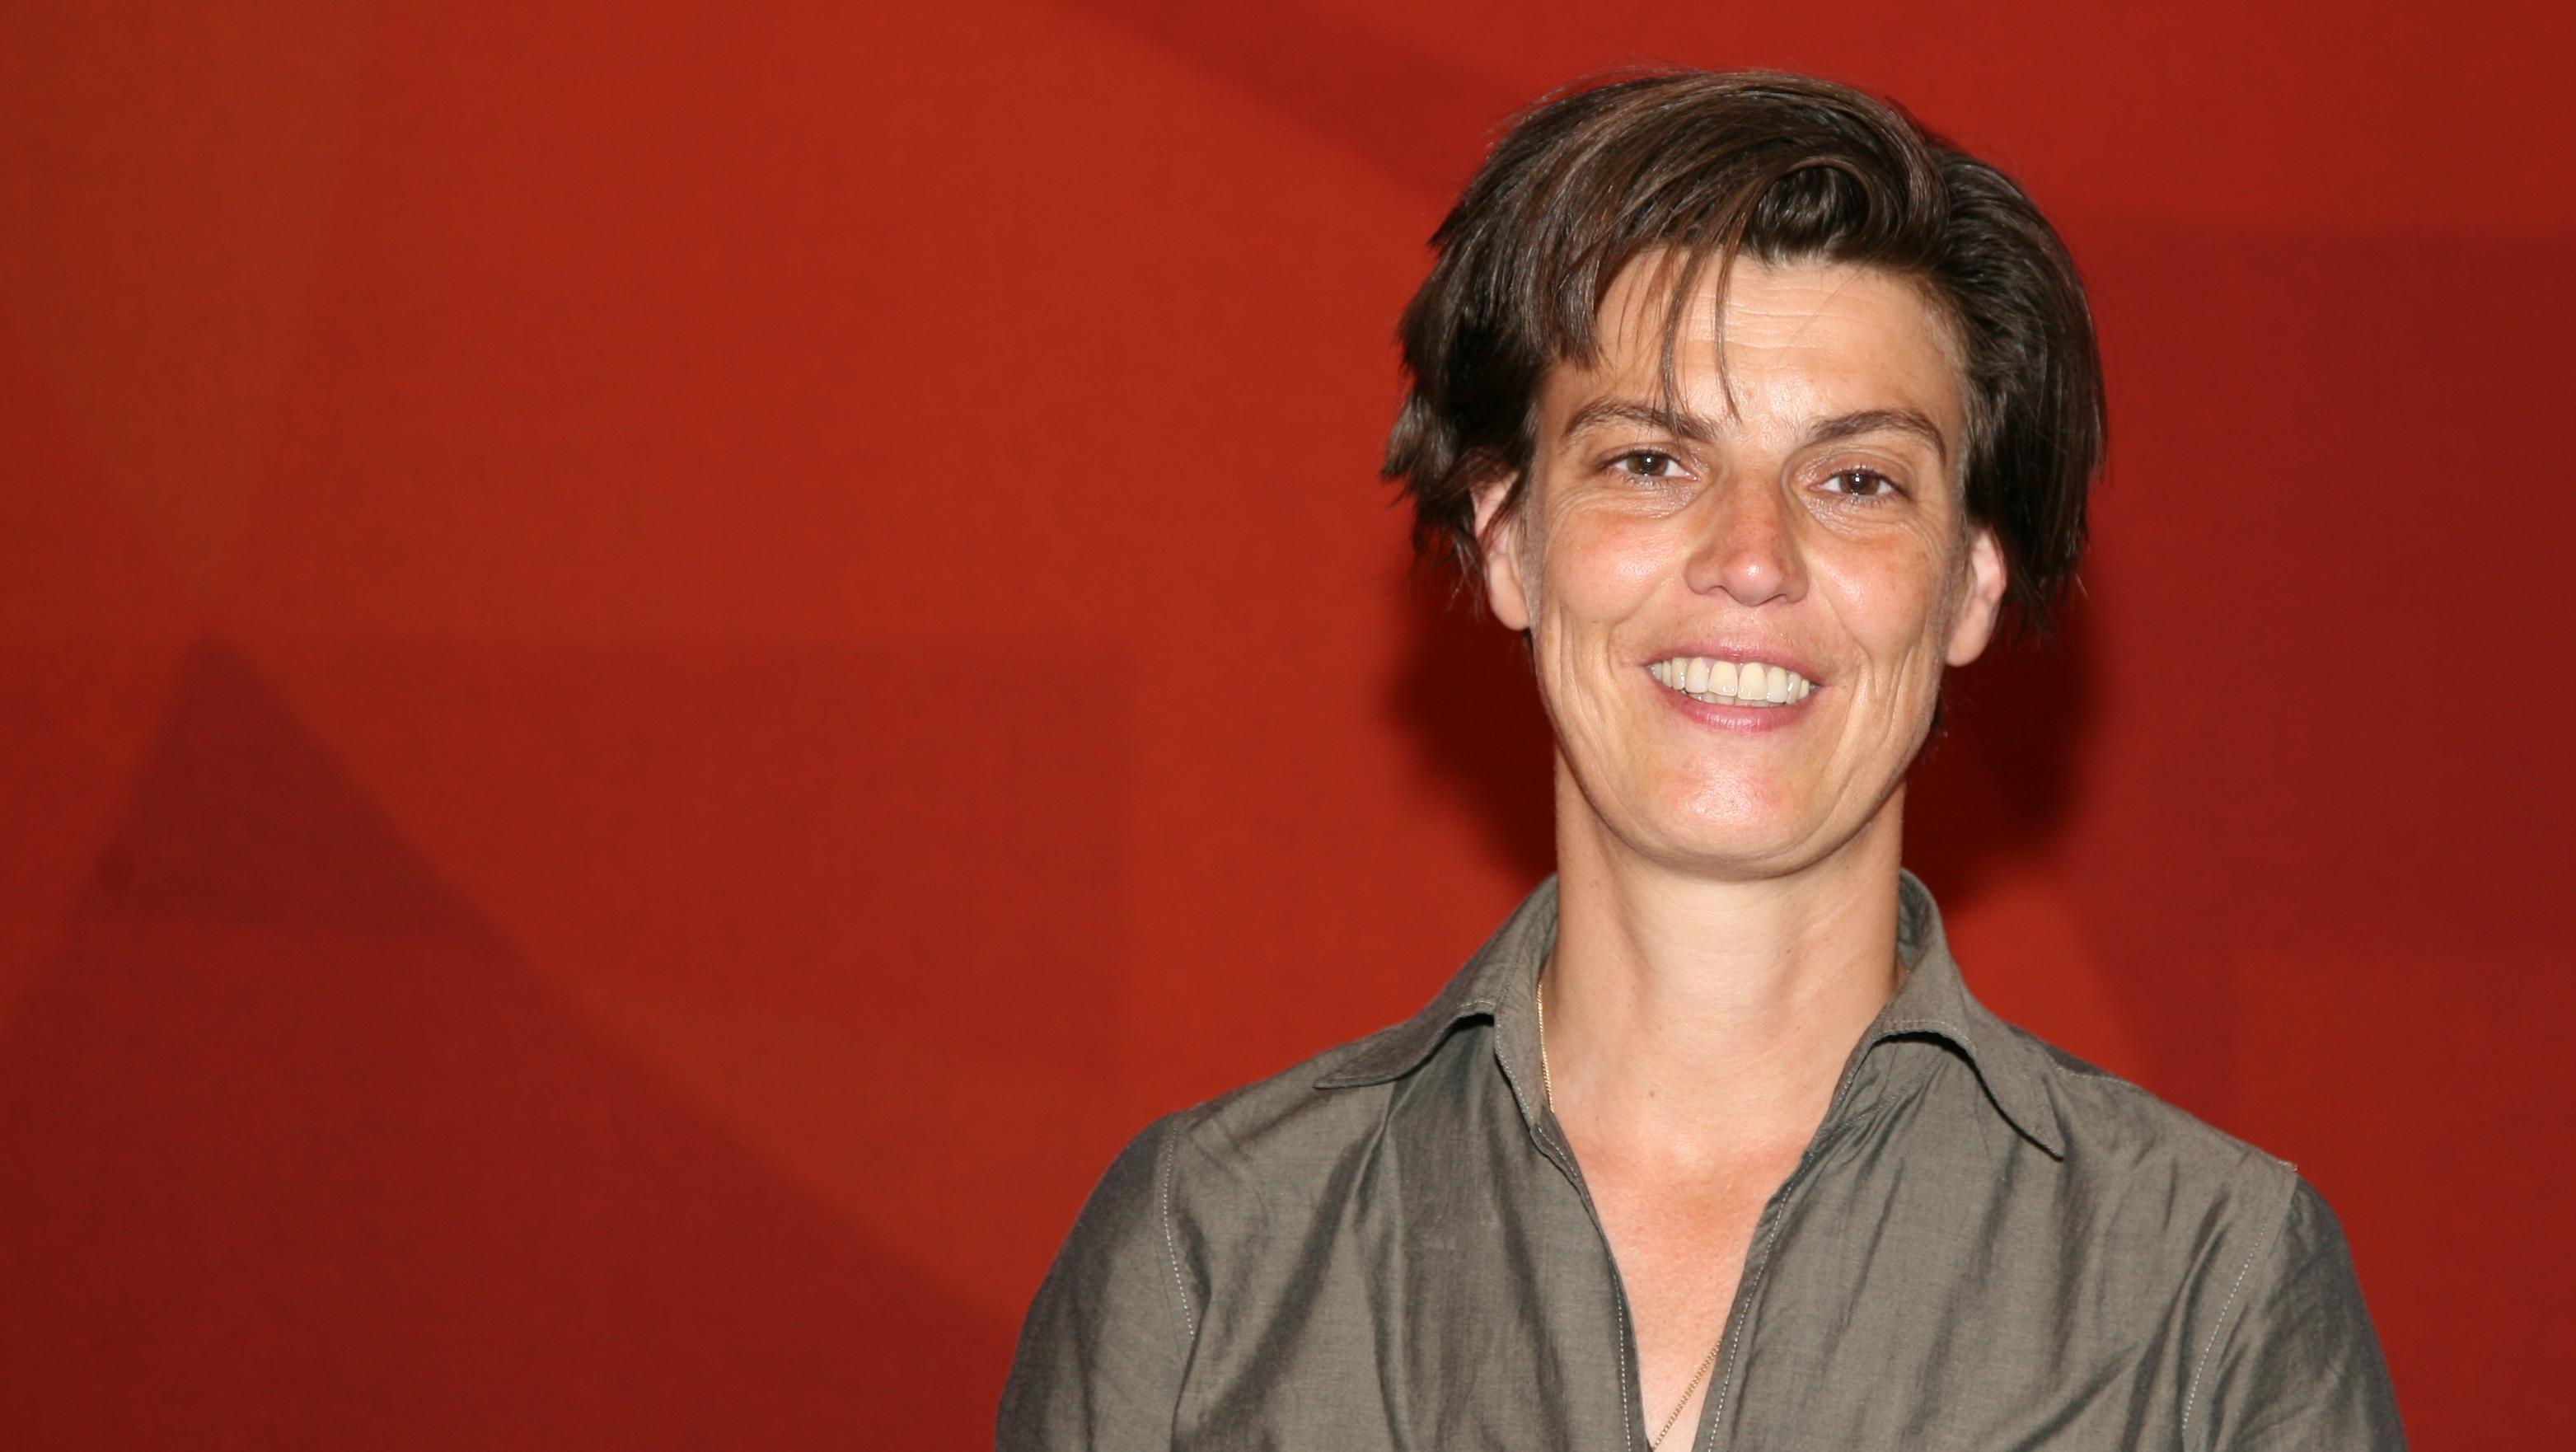 Carolin Emcke lächelnd vor einer roten Wand.